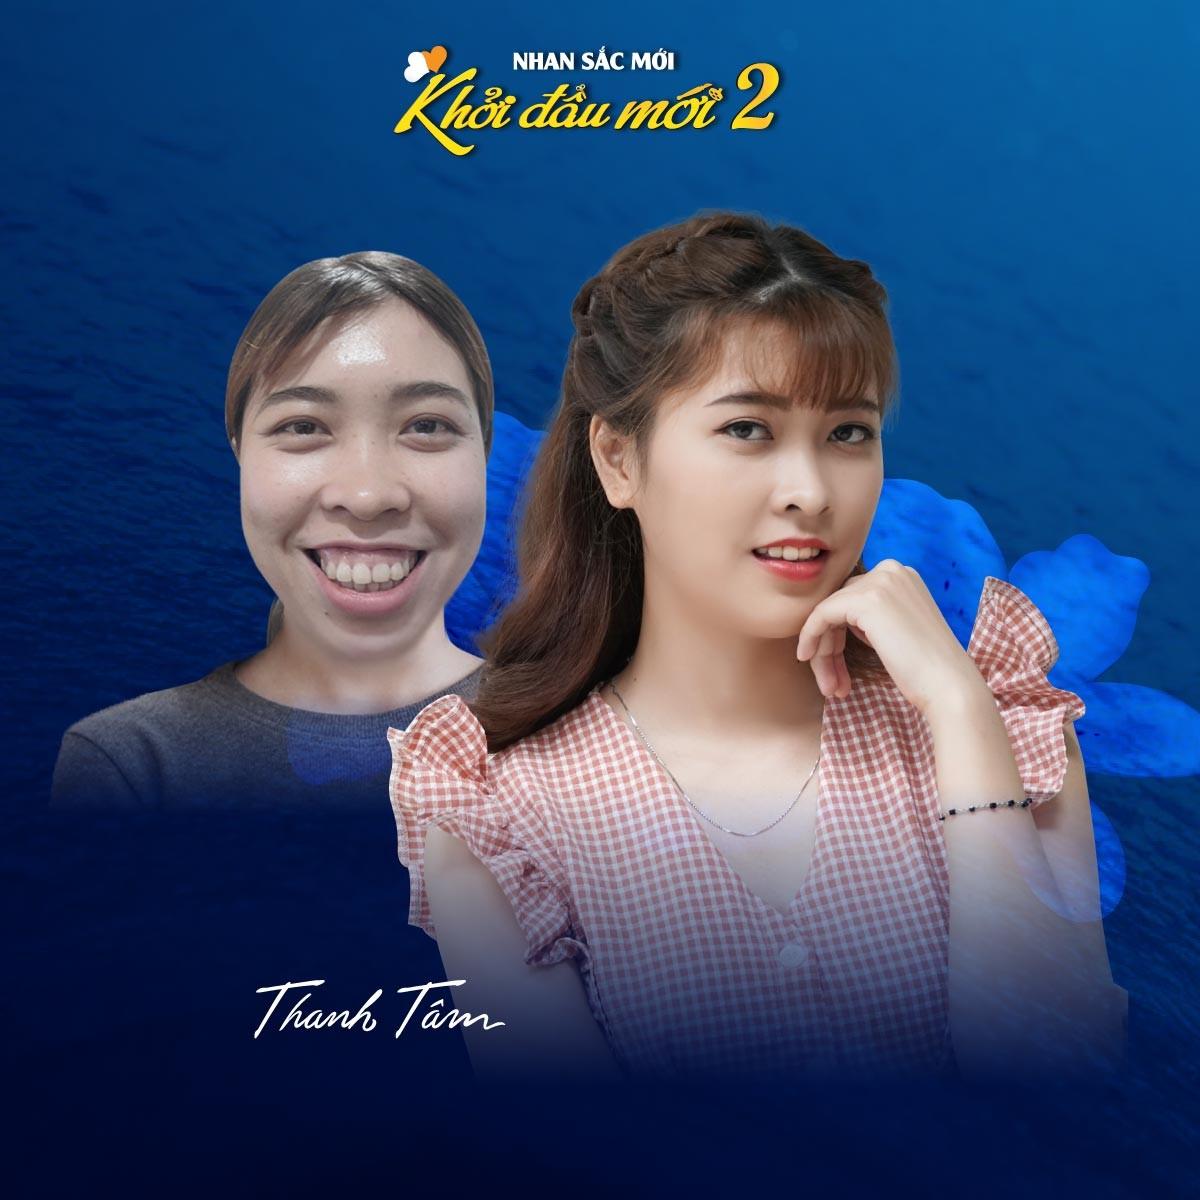 Cô giáo Bình Thuận Thanh Tâm